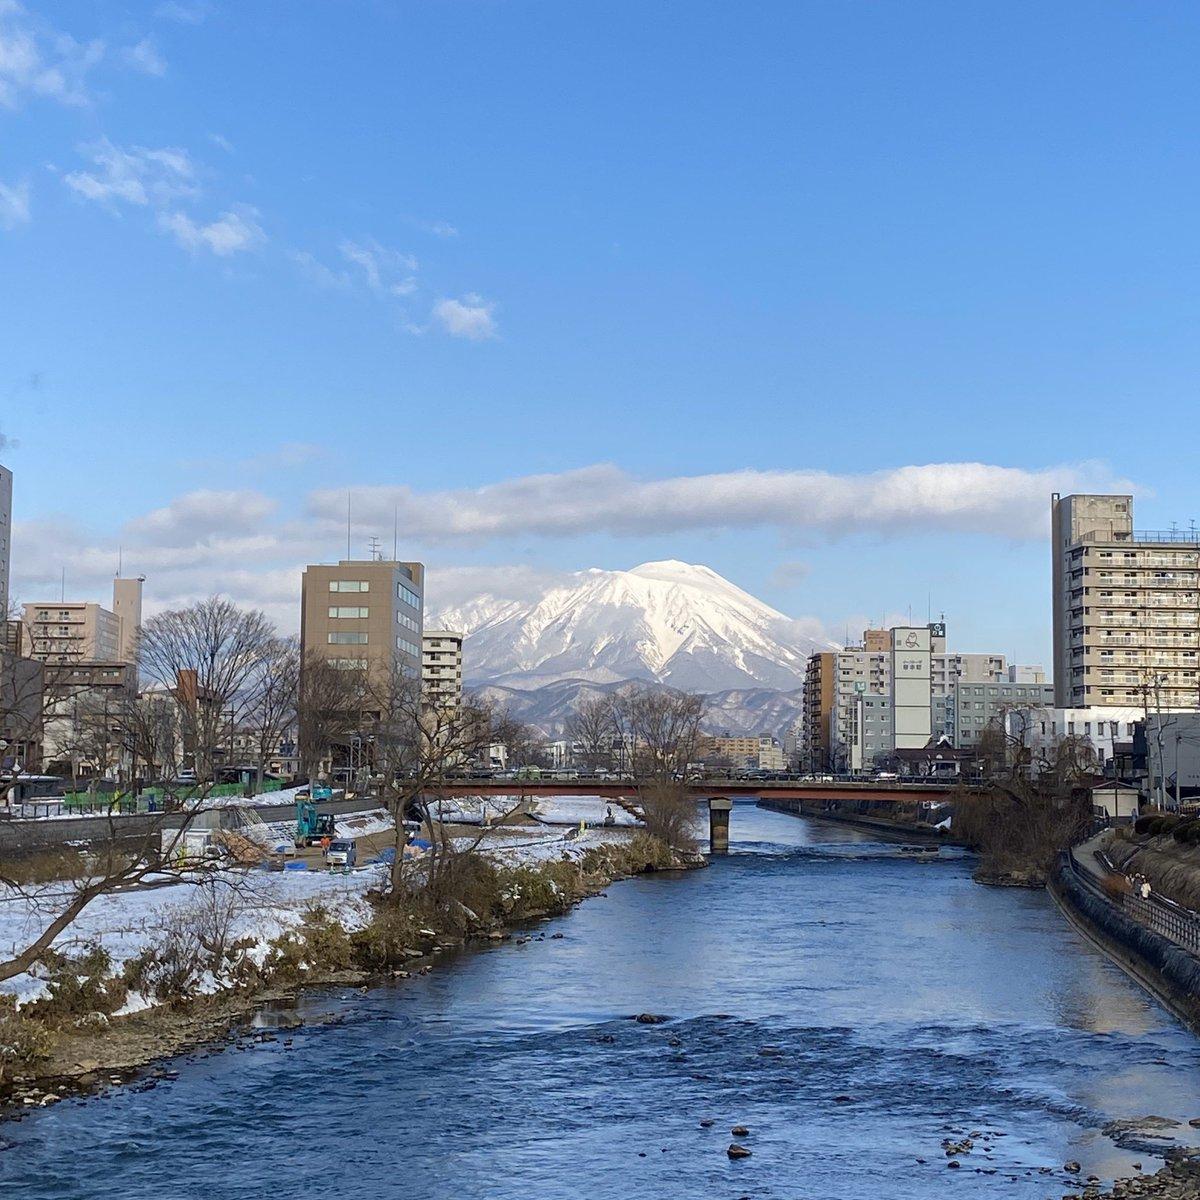 2020/02/12 盛岡市の開運橋から撮影。みなさま、体調管理に気をつけてお過ごしください。 #岩手 #盛岡 #北上川 #岩手山 #岩手においでよ #レトルトカレーの日